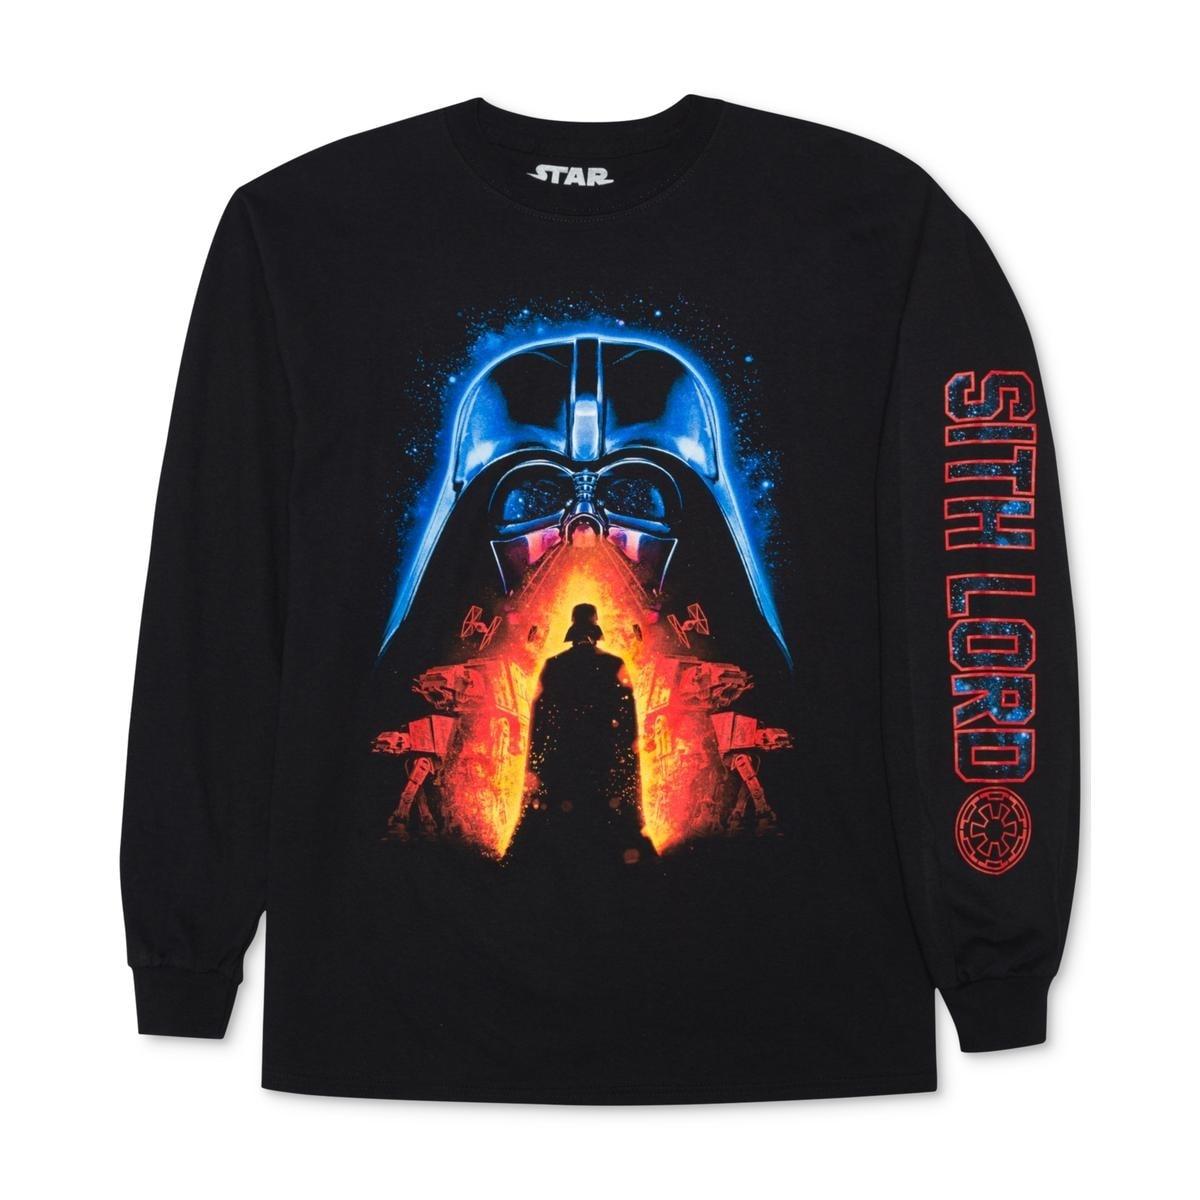 Star Wars Mens Dark Lord Darth Vader Graphic T-Shirt